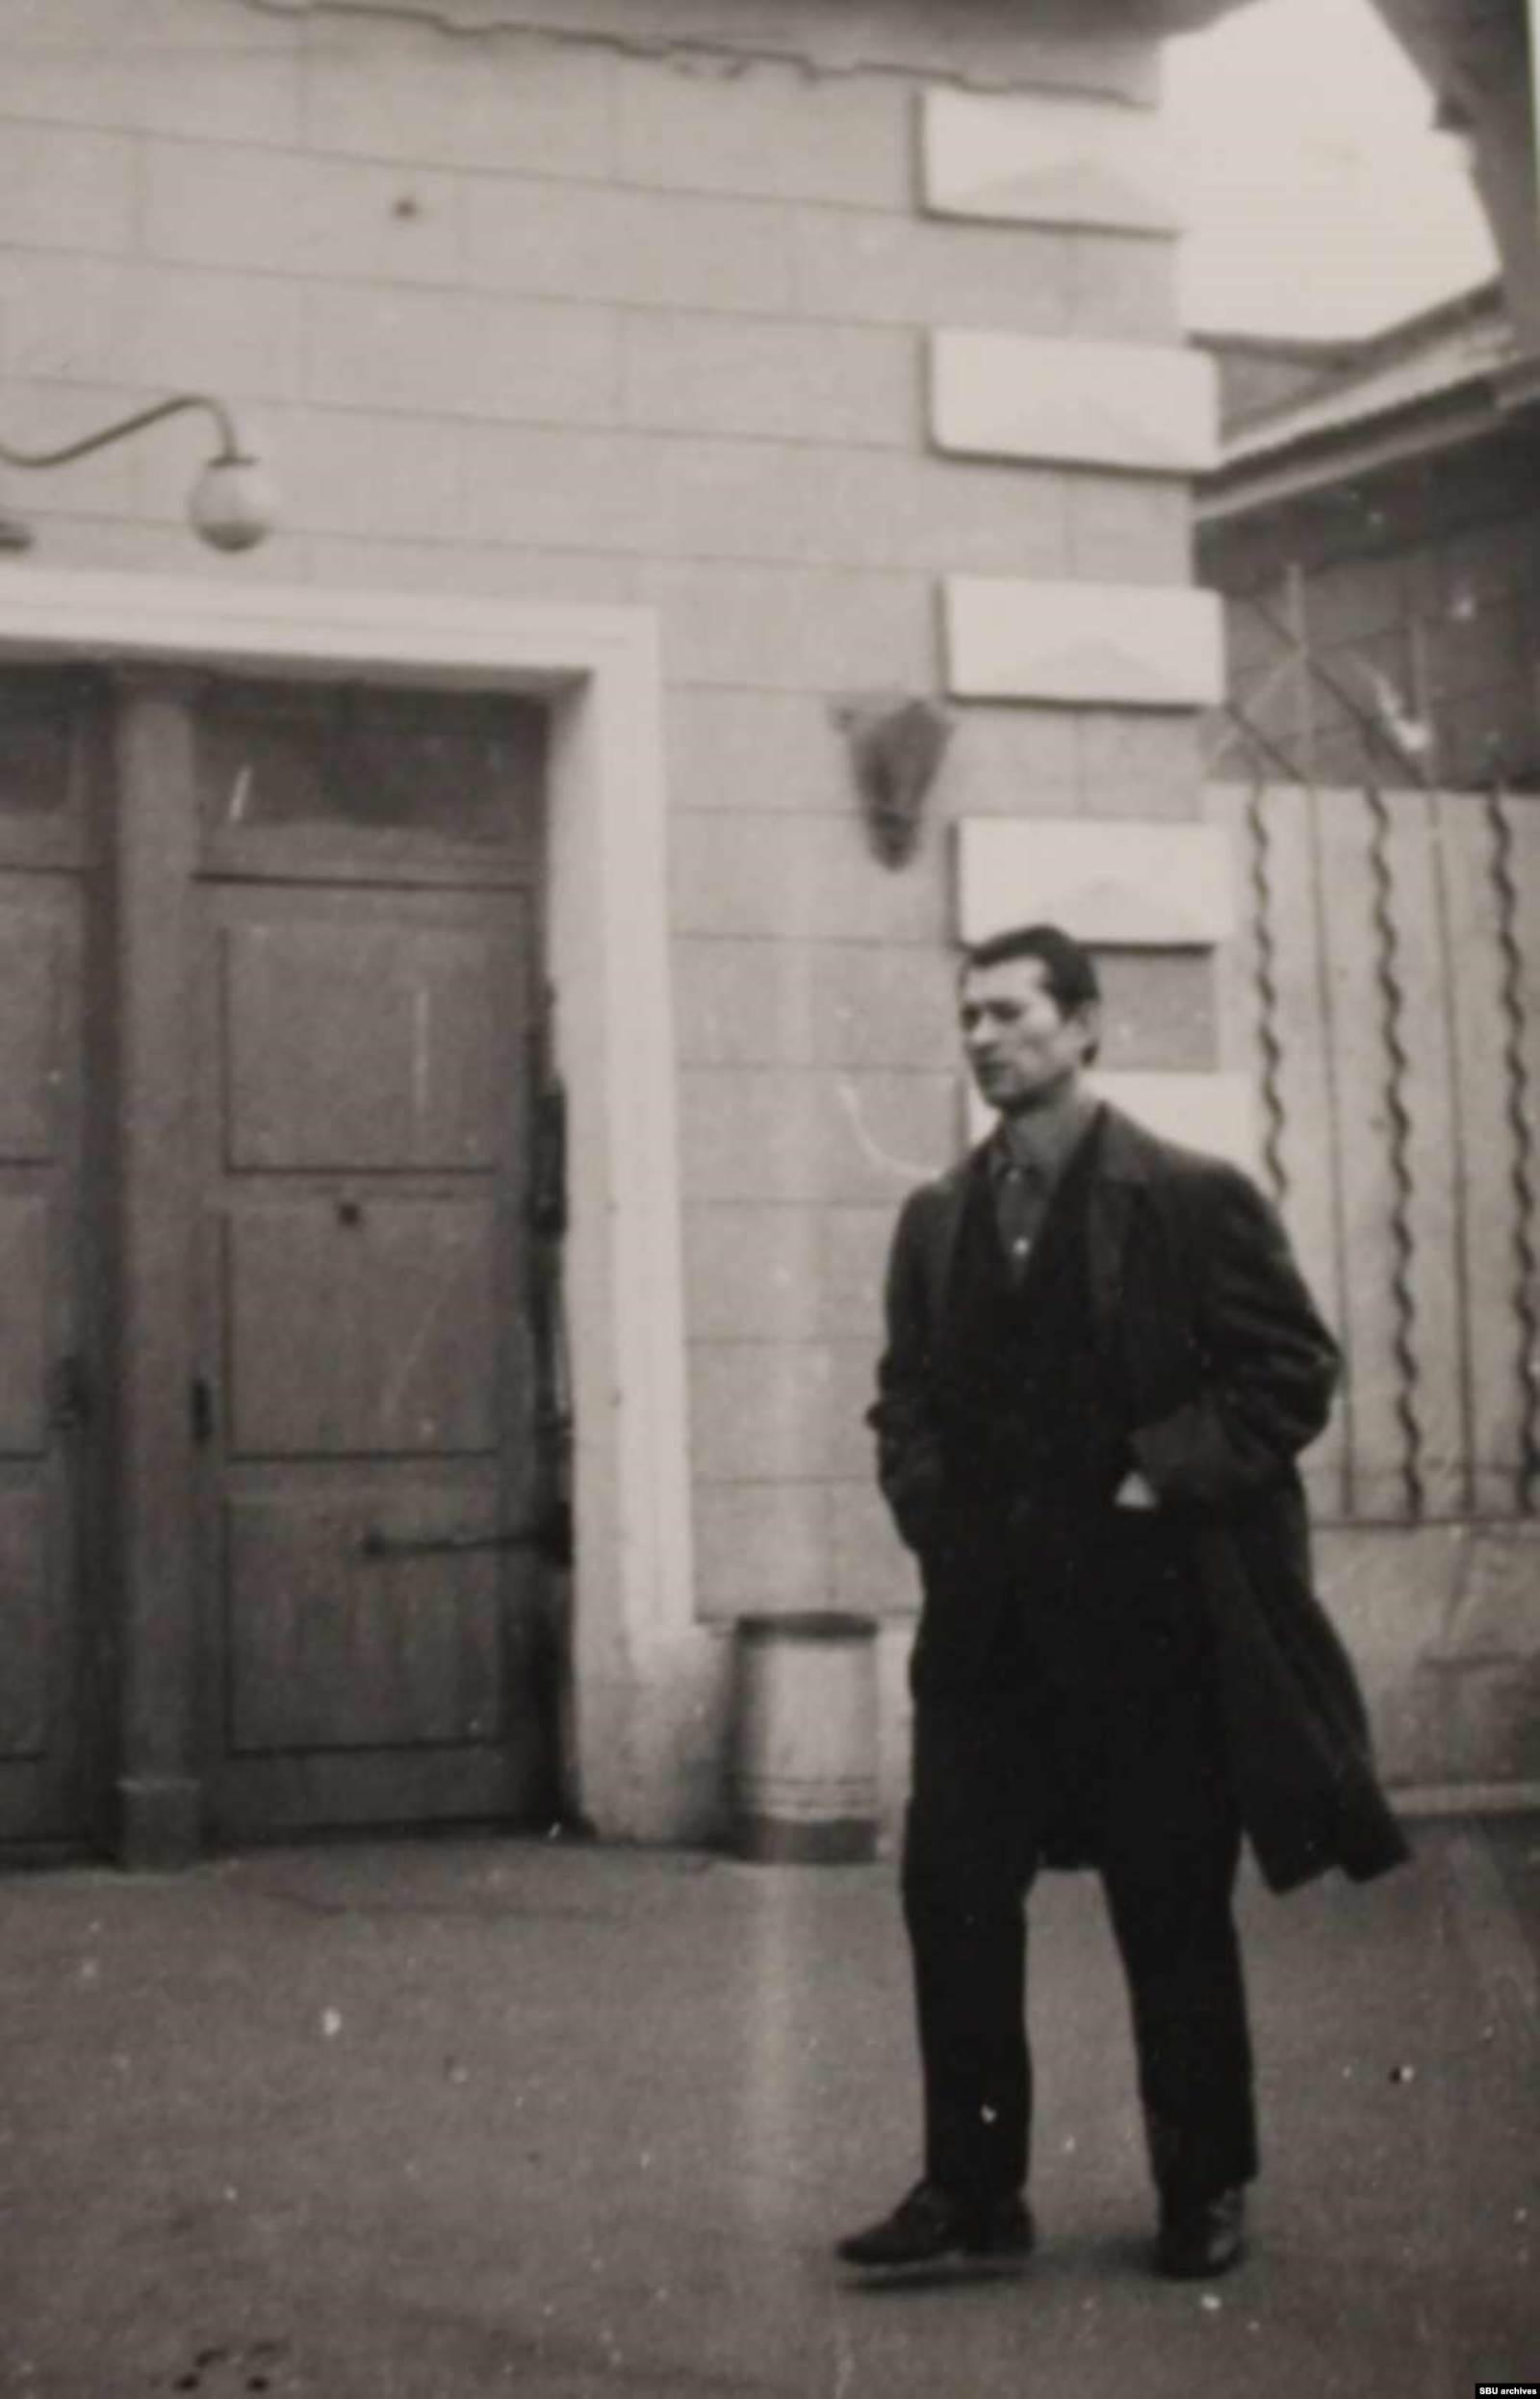 Пушкарь около здания «Арсенала-2». Фото КГБ, сделанное скрытой камерой. Из оперативного дела